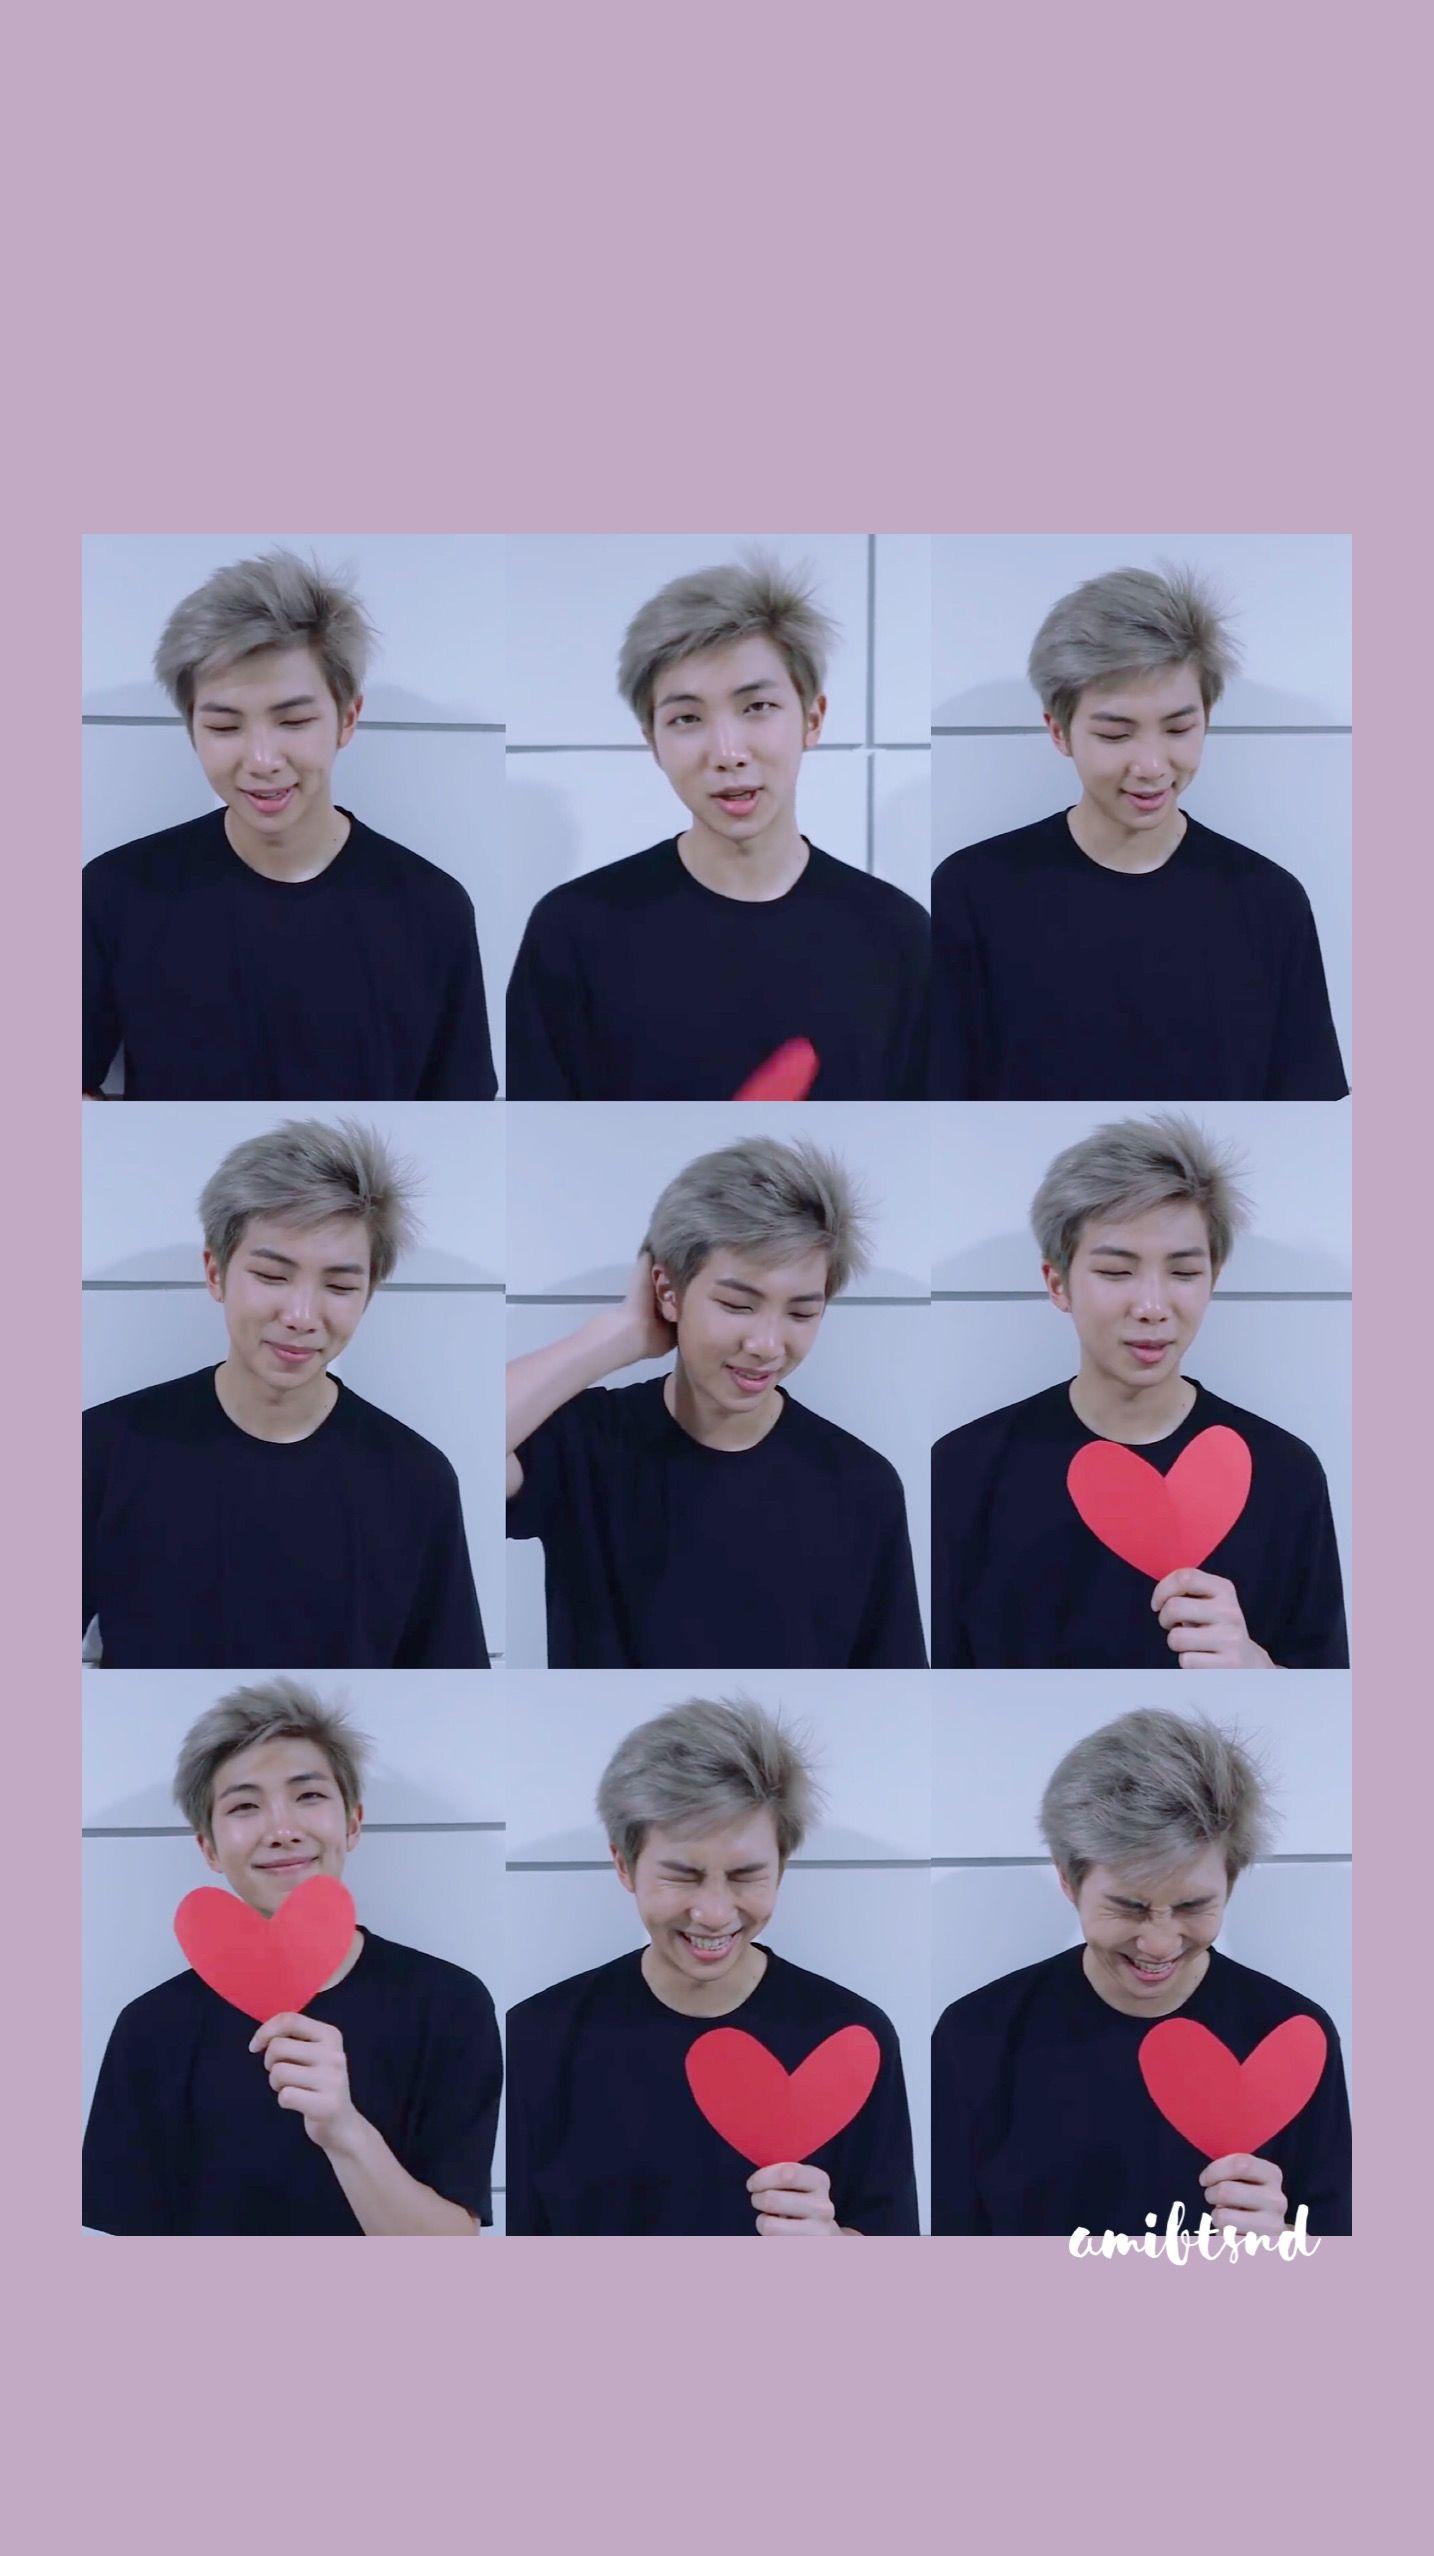 Bts Wallpaper Kimnamjoon Bts Rm Pinterest Bts Oppas And Kpop